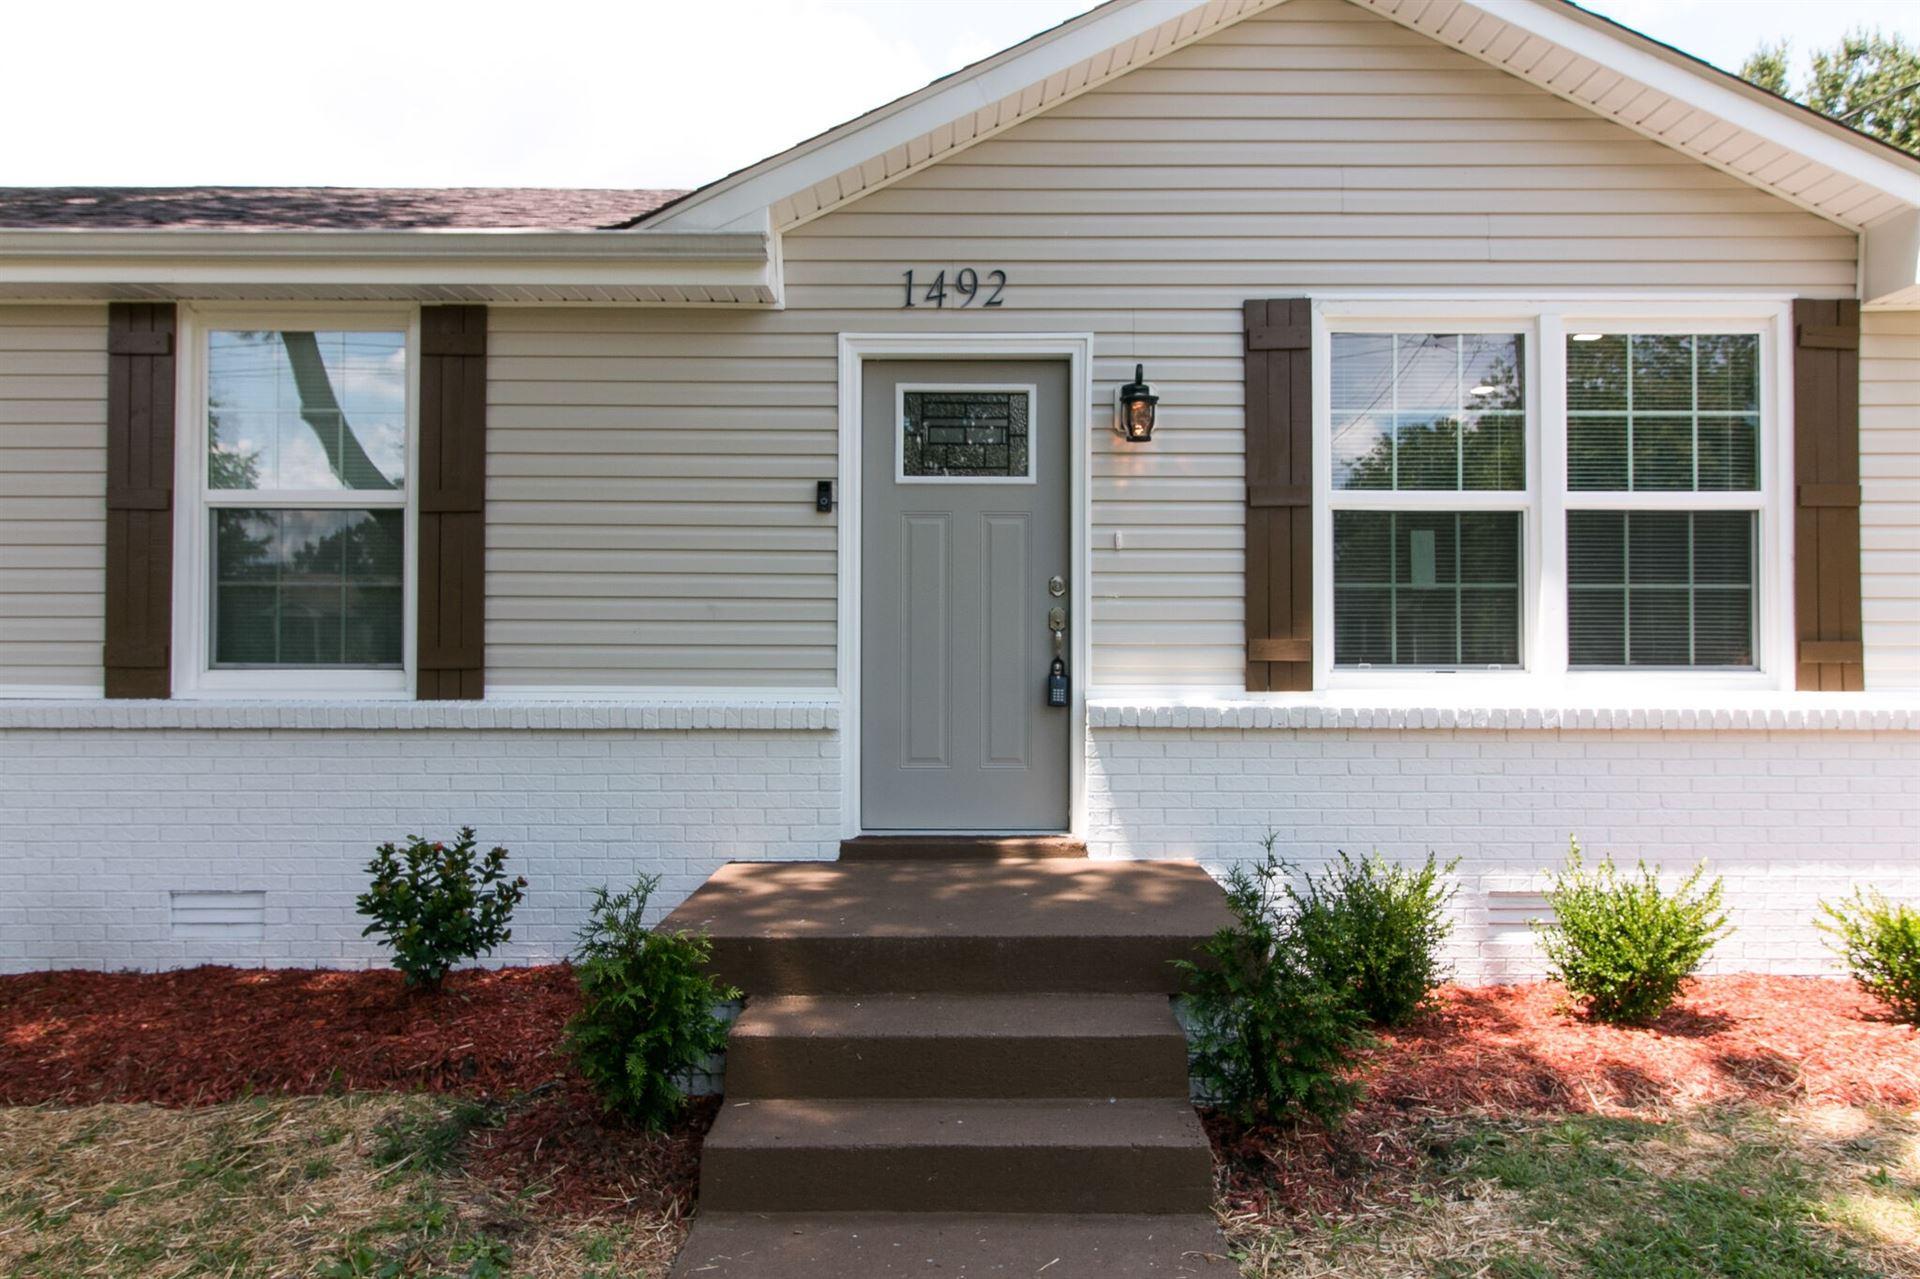 1492 Craig Dr, Clarksville, TN 37042 - MLS#: 2278341